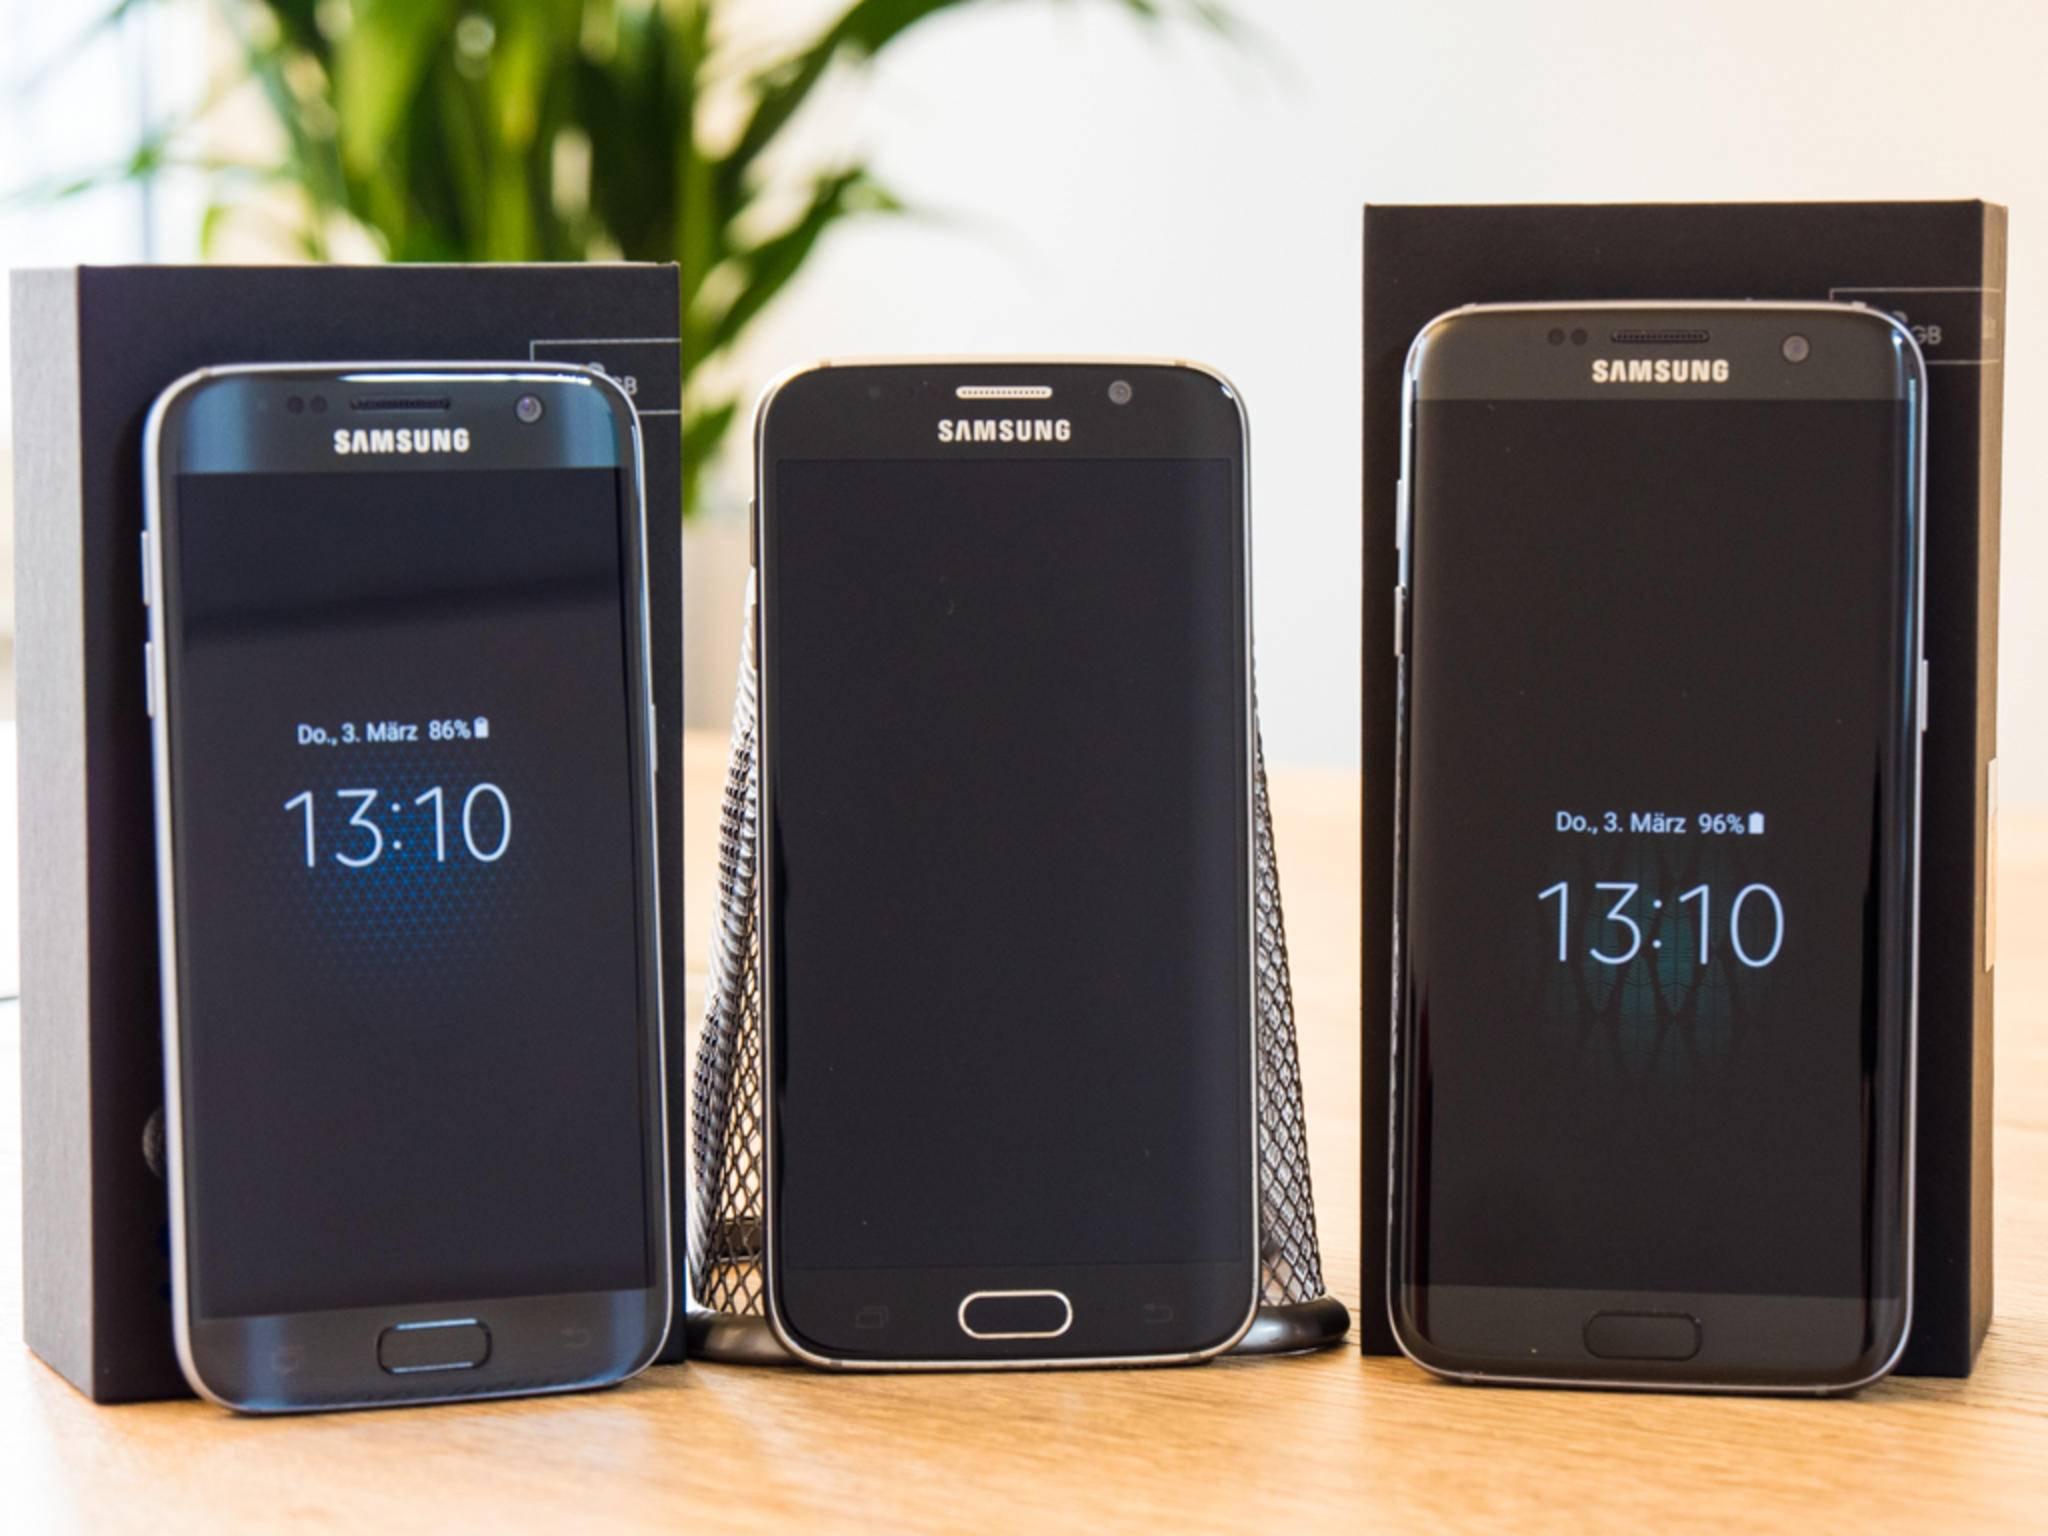 Das Galaxy S6 in der Mitte reiht sich optisch gut ein.